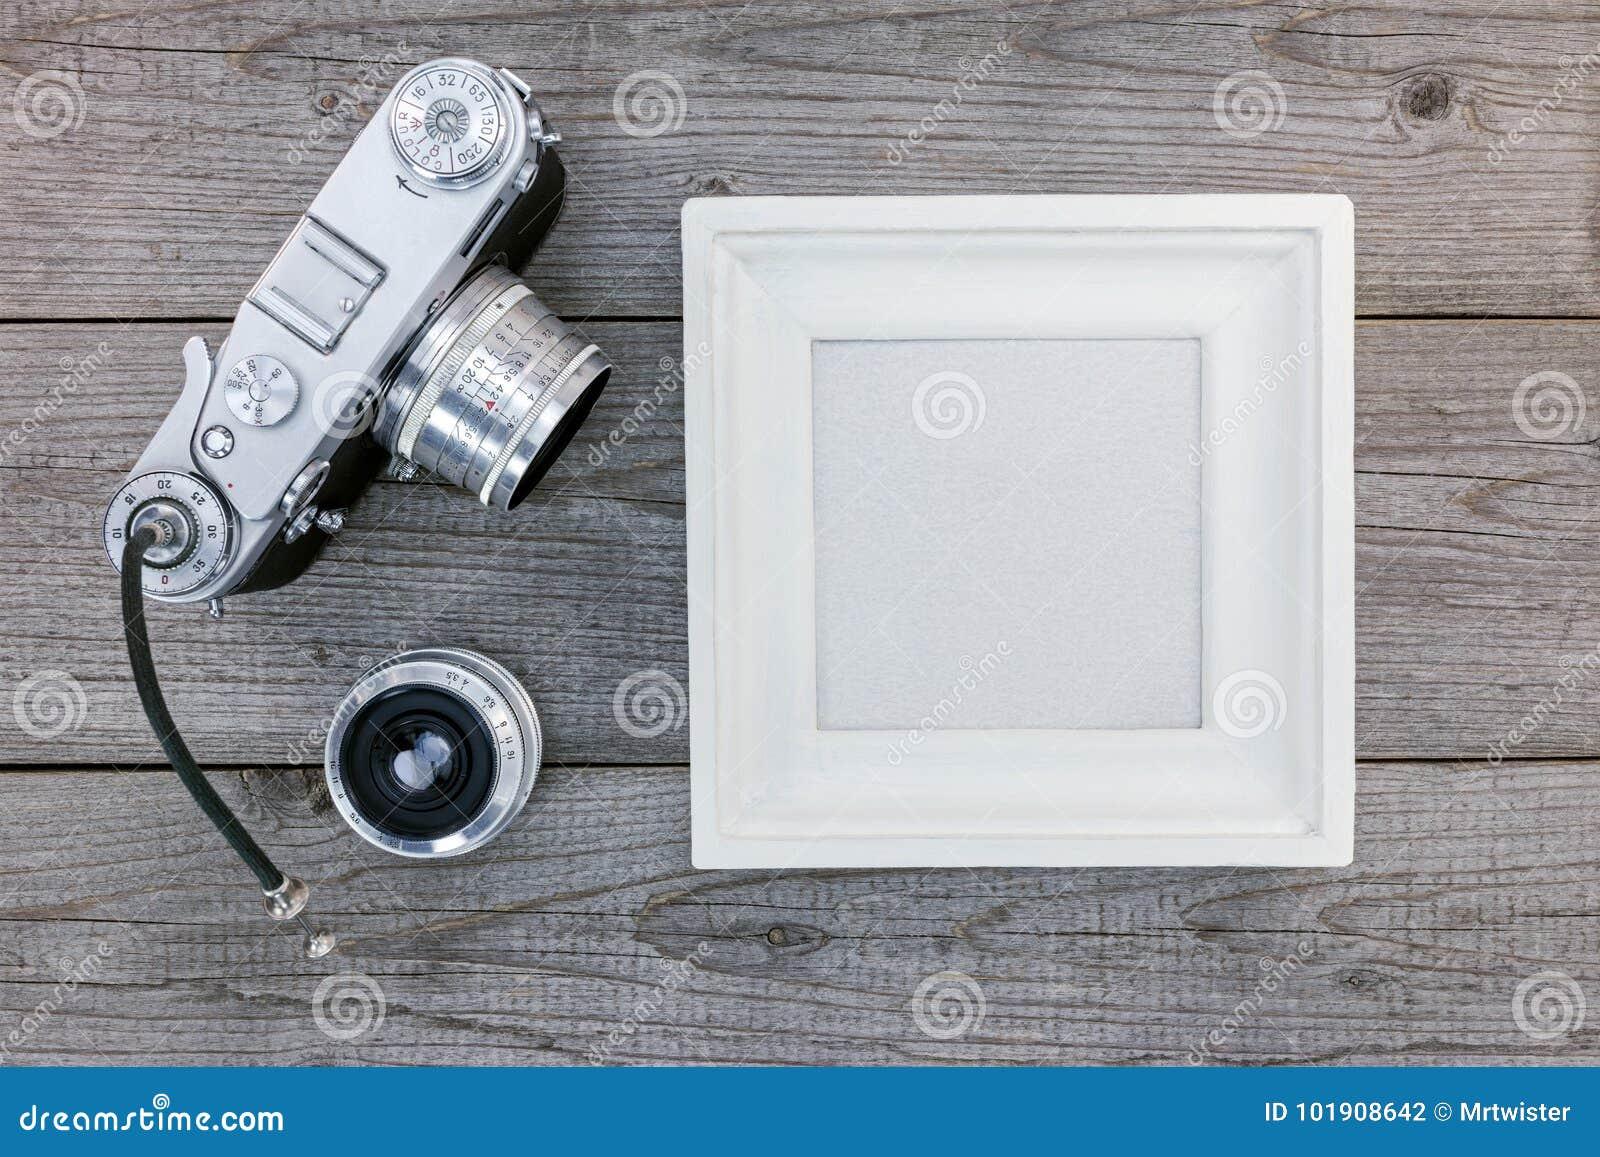 Old Vintage Camera, Lenses And White Empty Frame On Wooden Backg ...